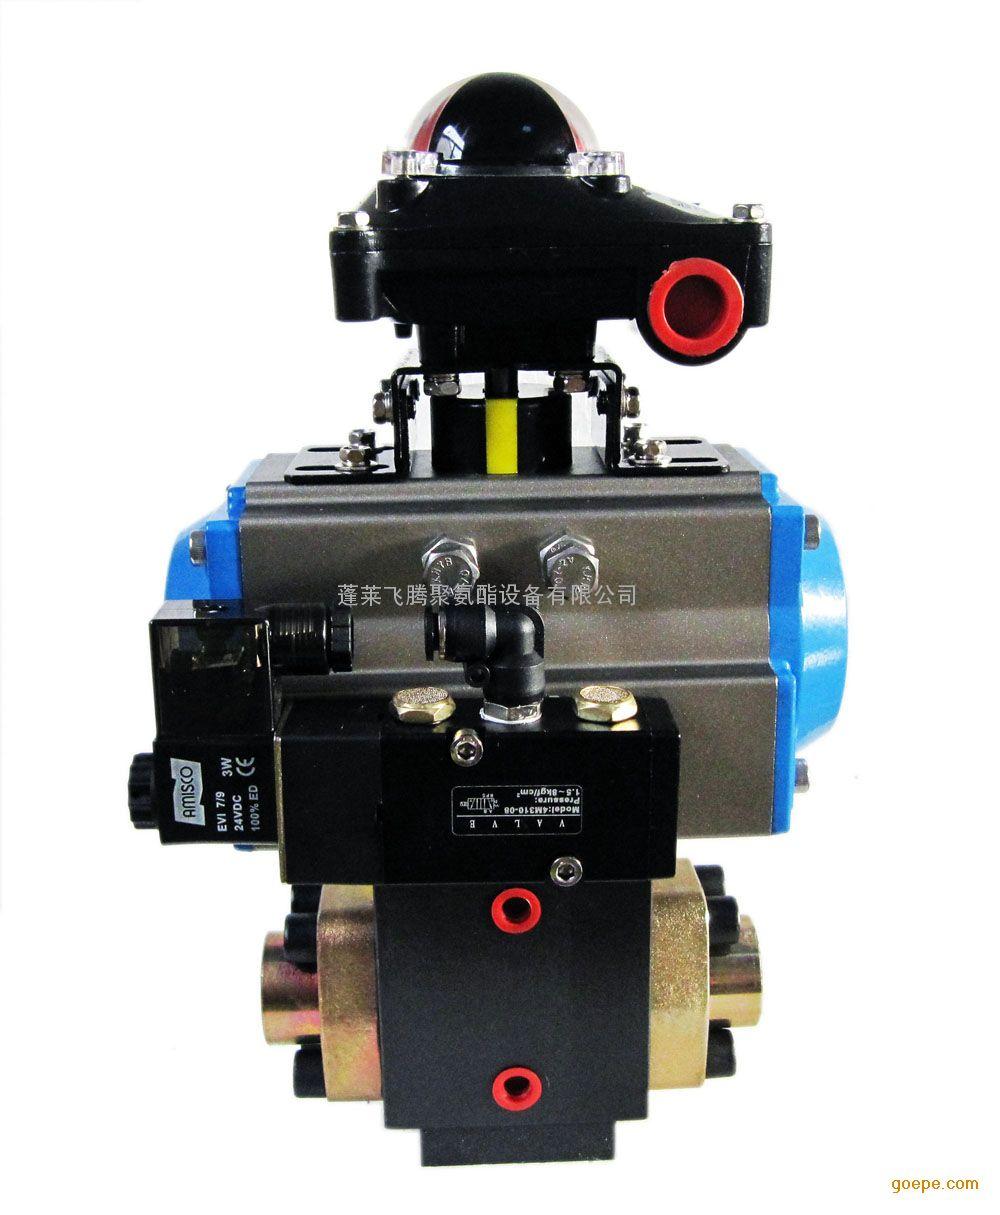 意大利康隆聚氨酯高低压转换阀 气动高低压换向阀